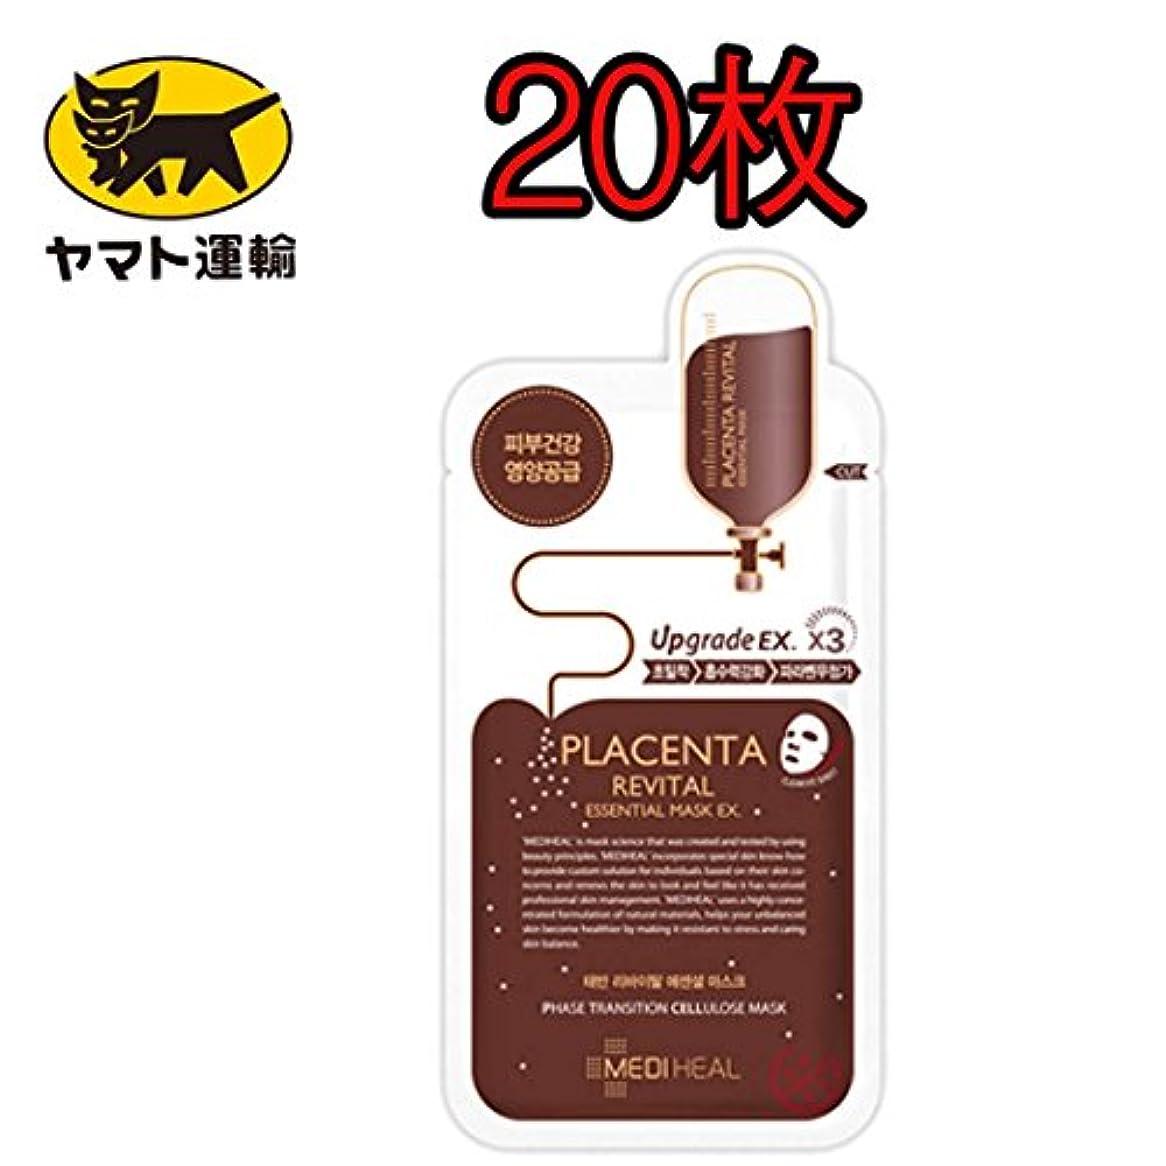 不忠自分のために櫛メディヒール [韓国コスメ Mediheal] プラセンタ リバイタル エッセンシャル マスクREX 皮膚健康/栄養供給 (20枚) Upgrade Mediheal Placenta Revital Essential Mask 20 piece. [並行輸入品]